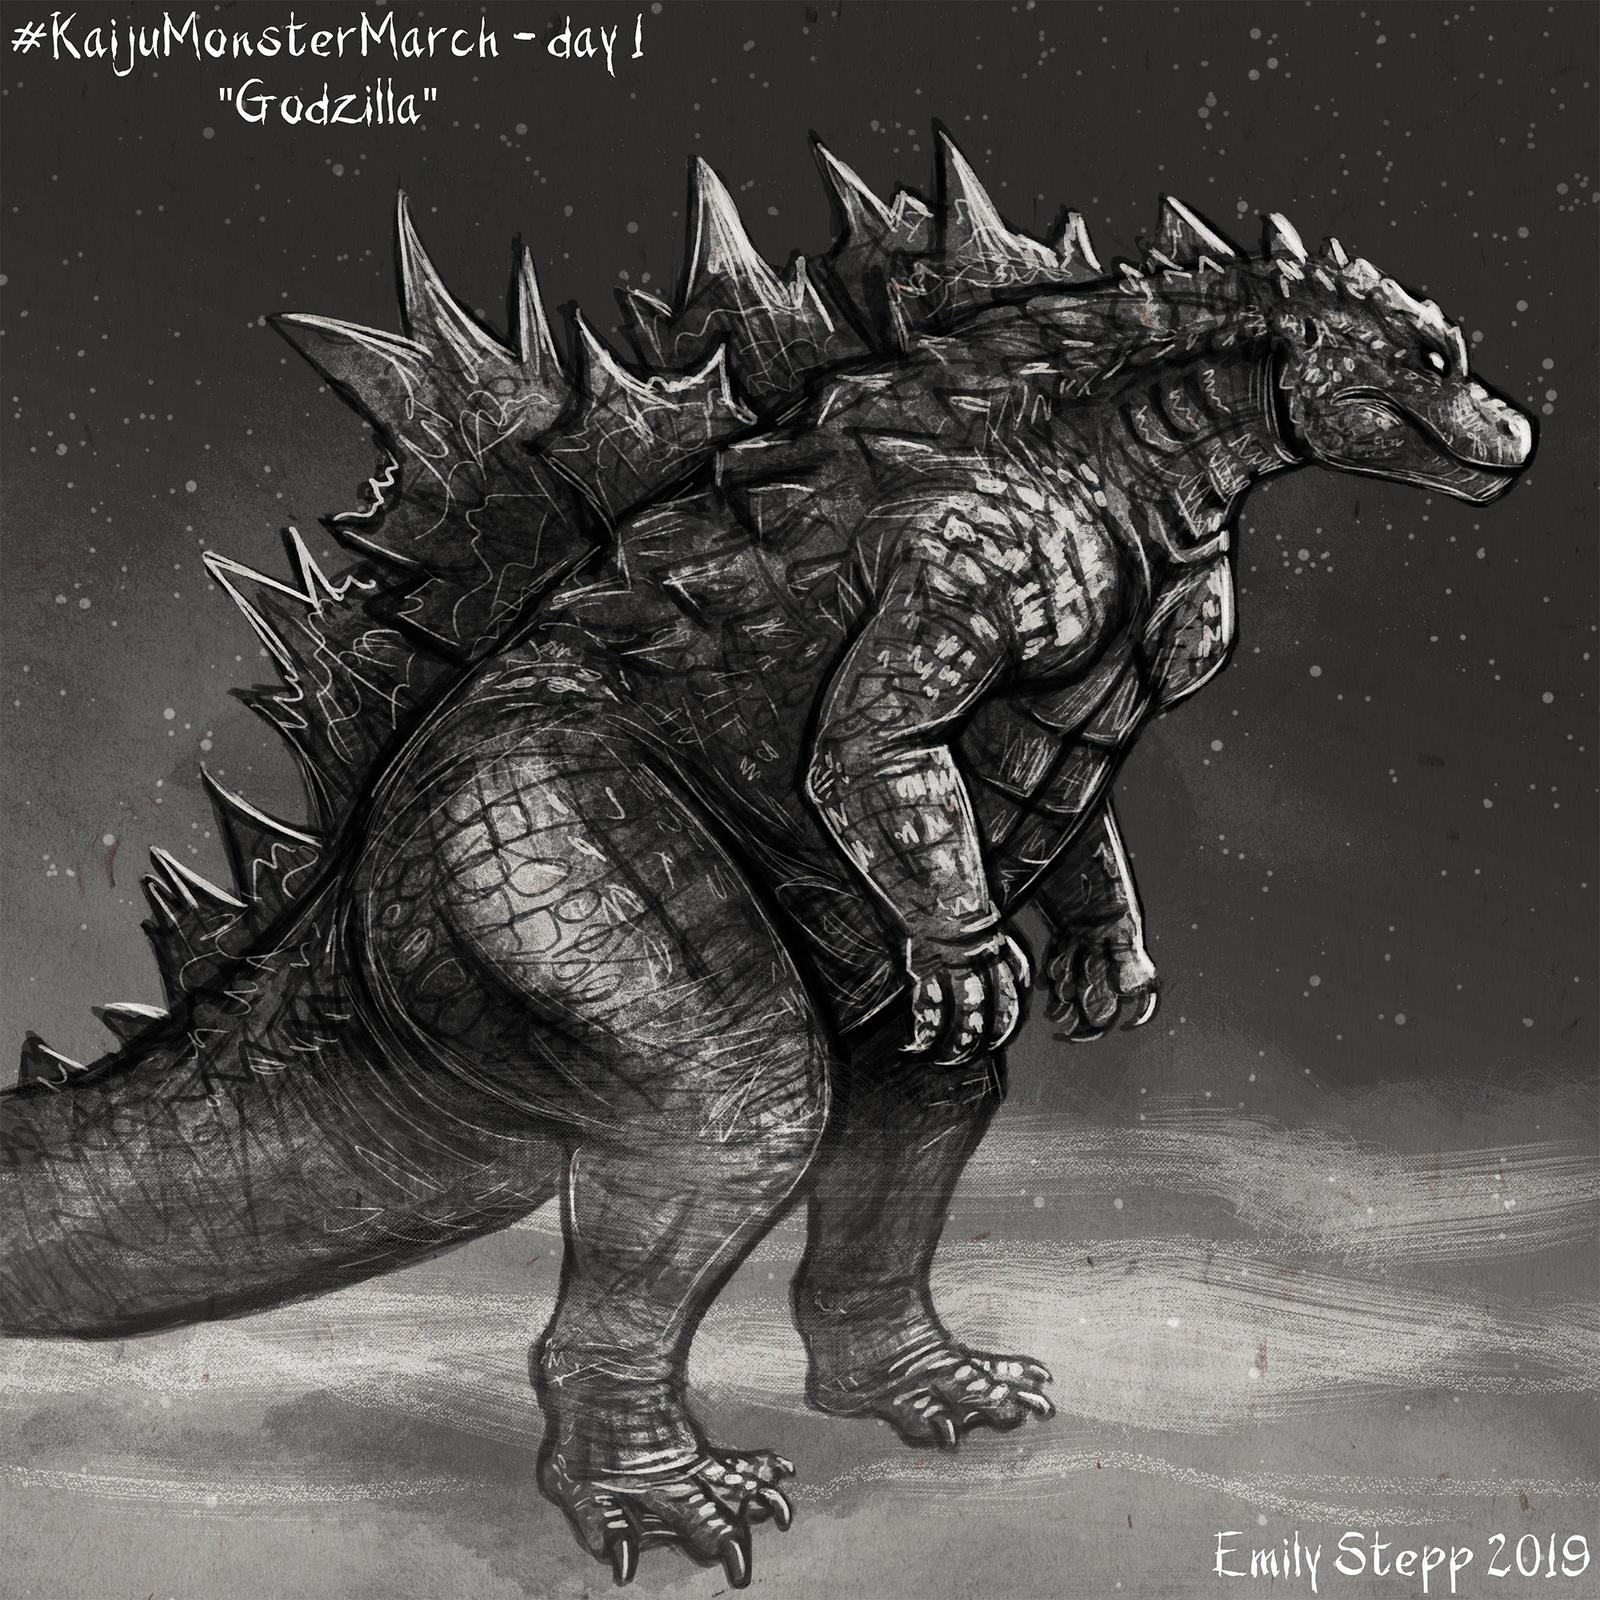 Godzilla Kaiju